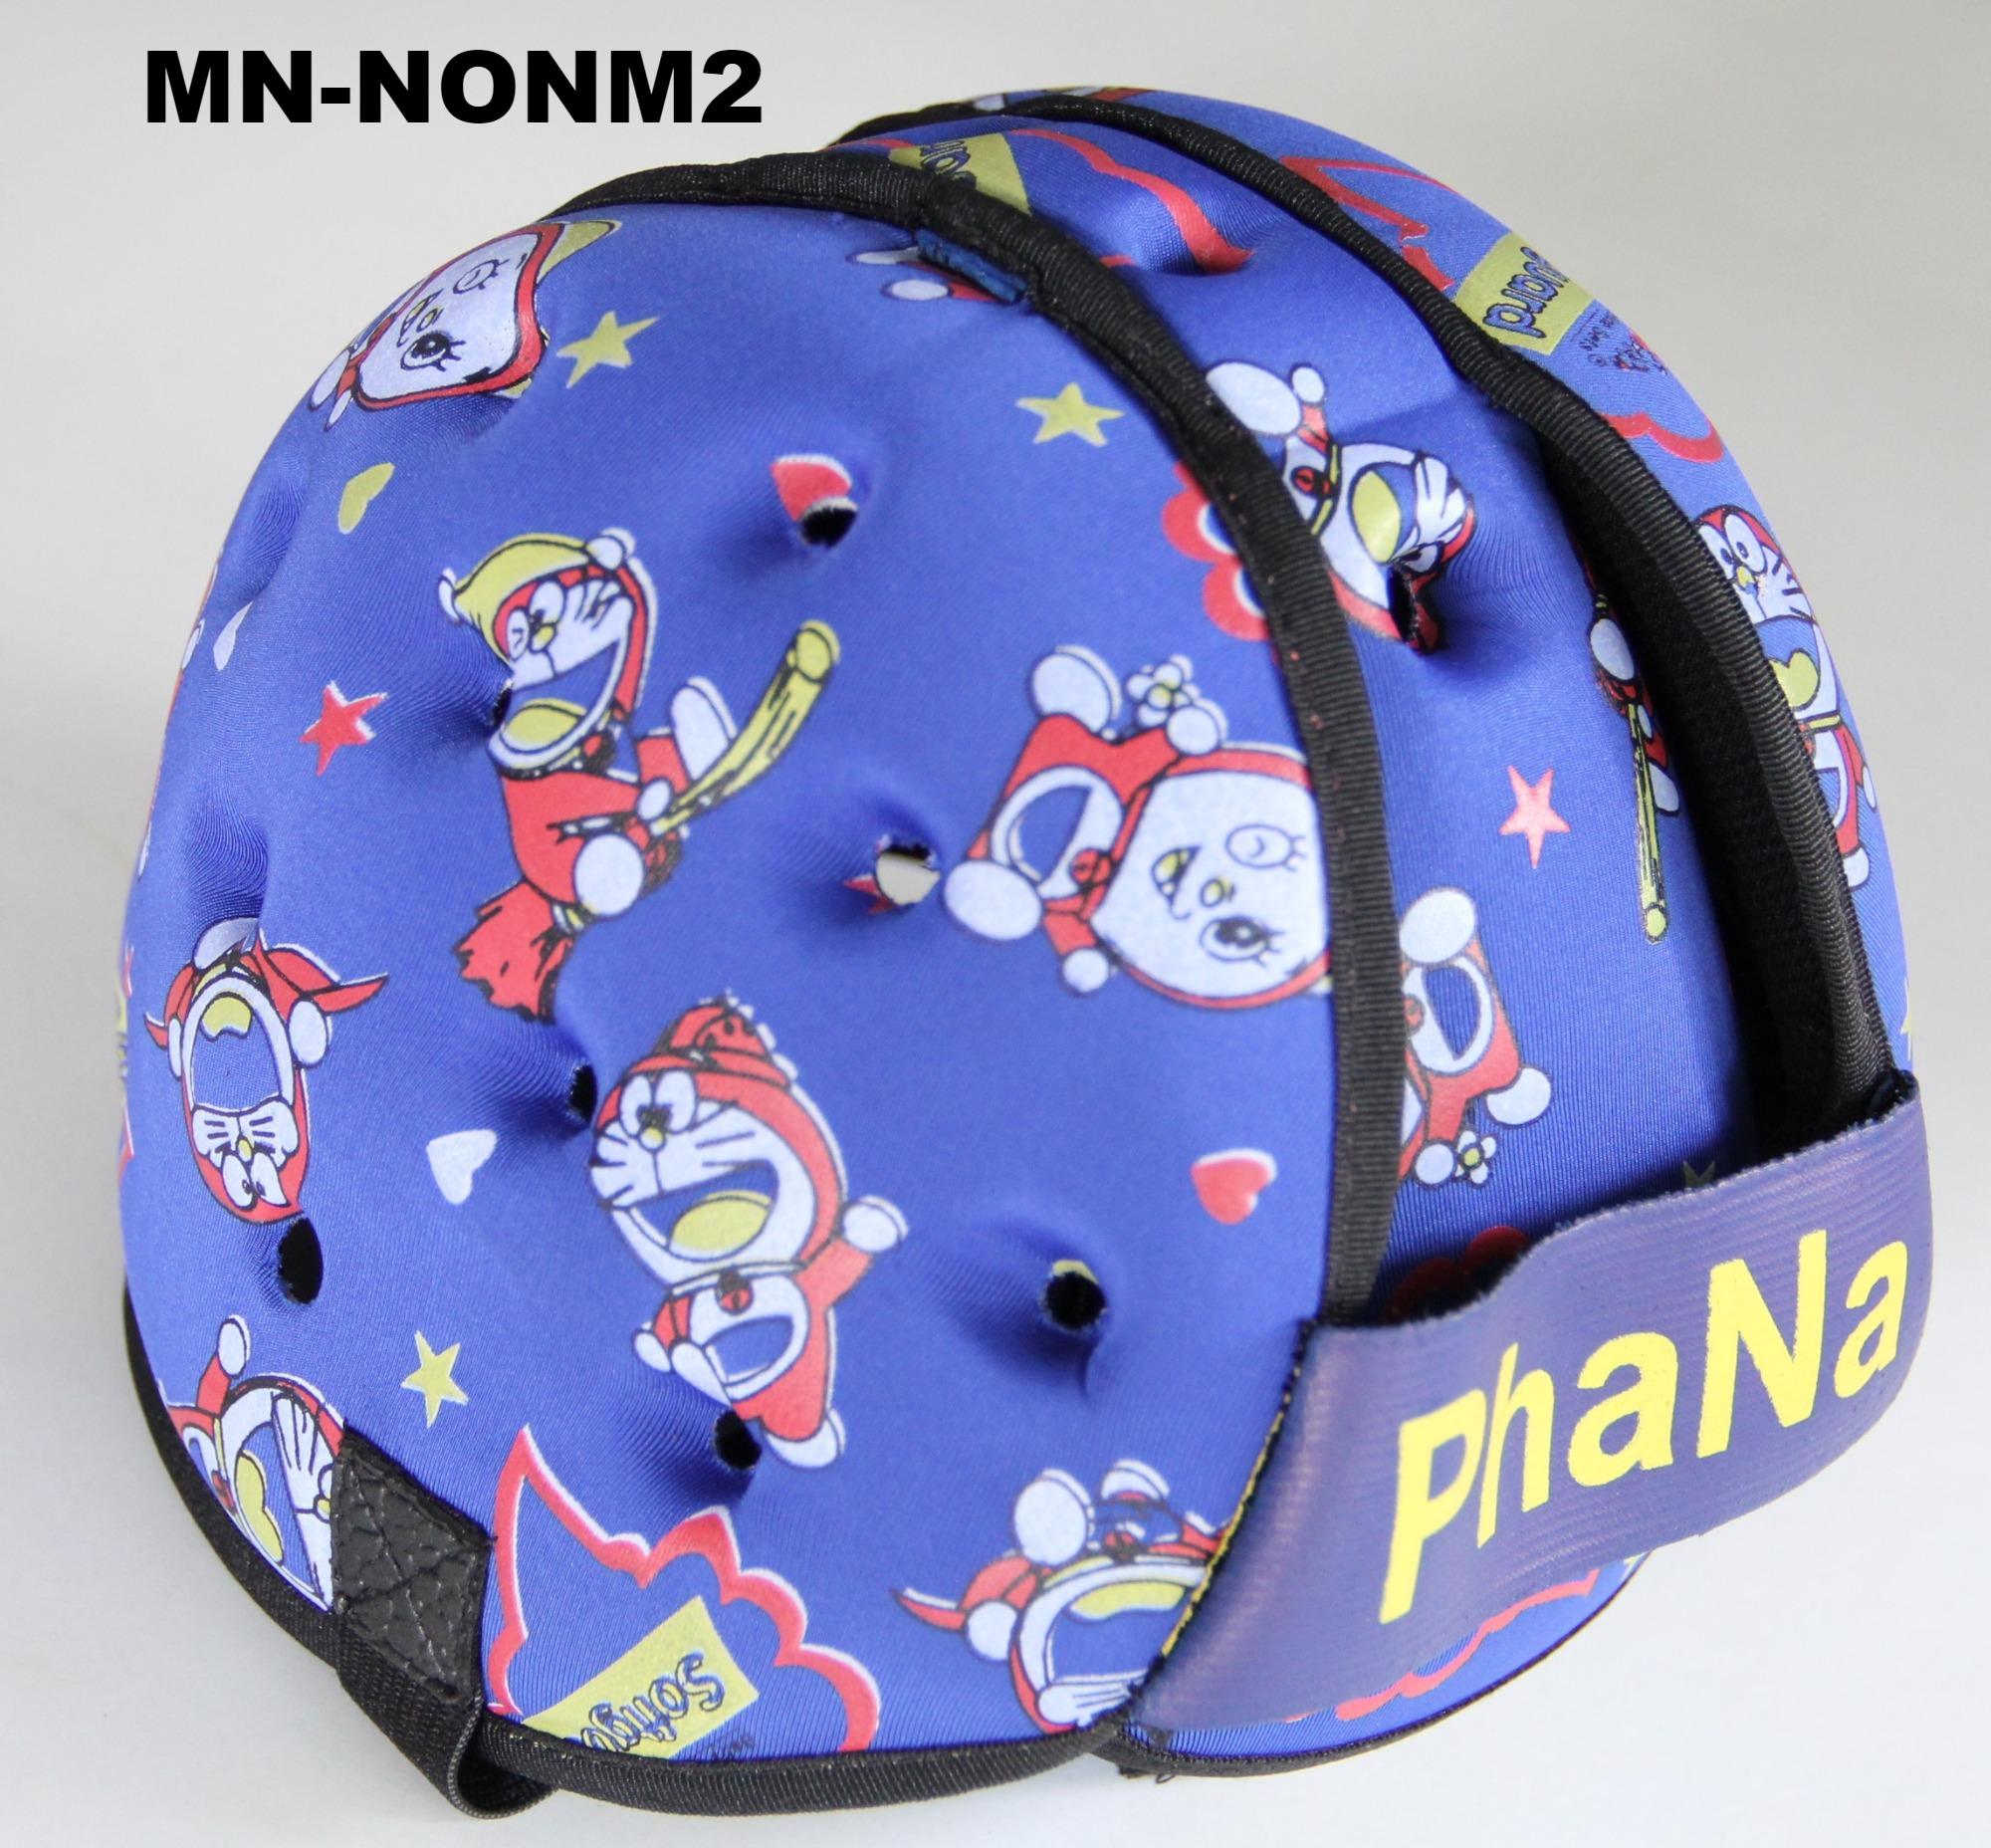 Nón bảo vệ trẻ khi ngã M2 (MN-NONM2)